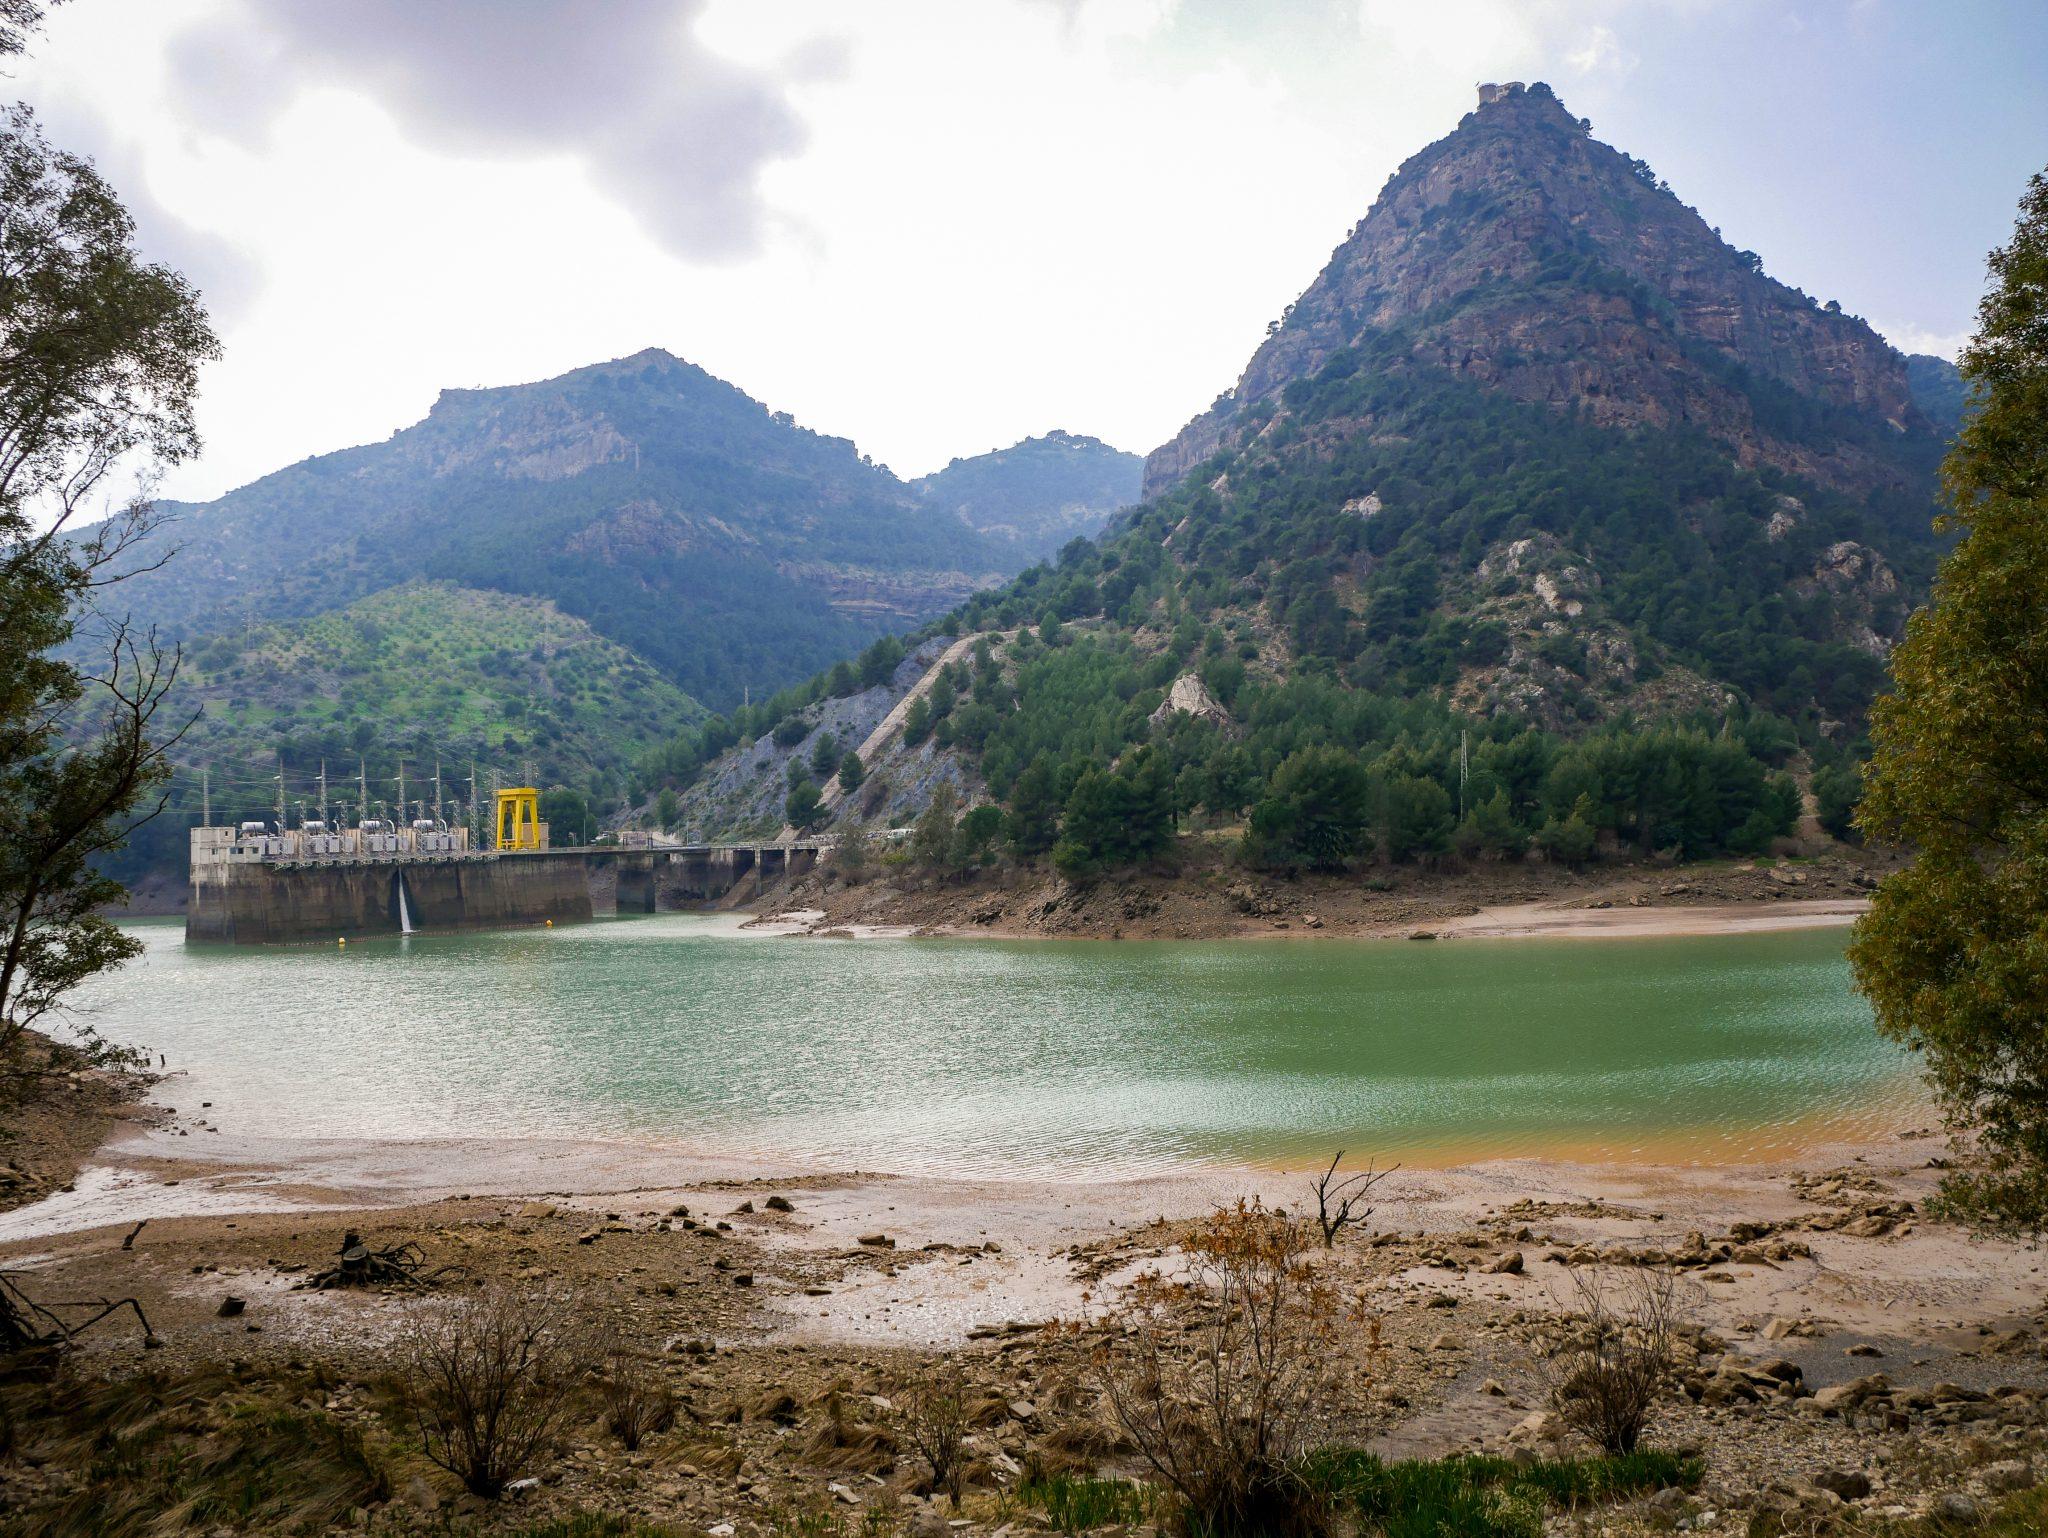 Caminito del Rey: Am Ende des Caminitos kannst du noch einmal einen der Entstehungsgründe vorfinden.